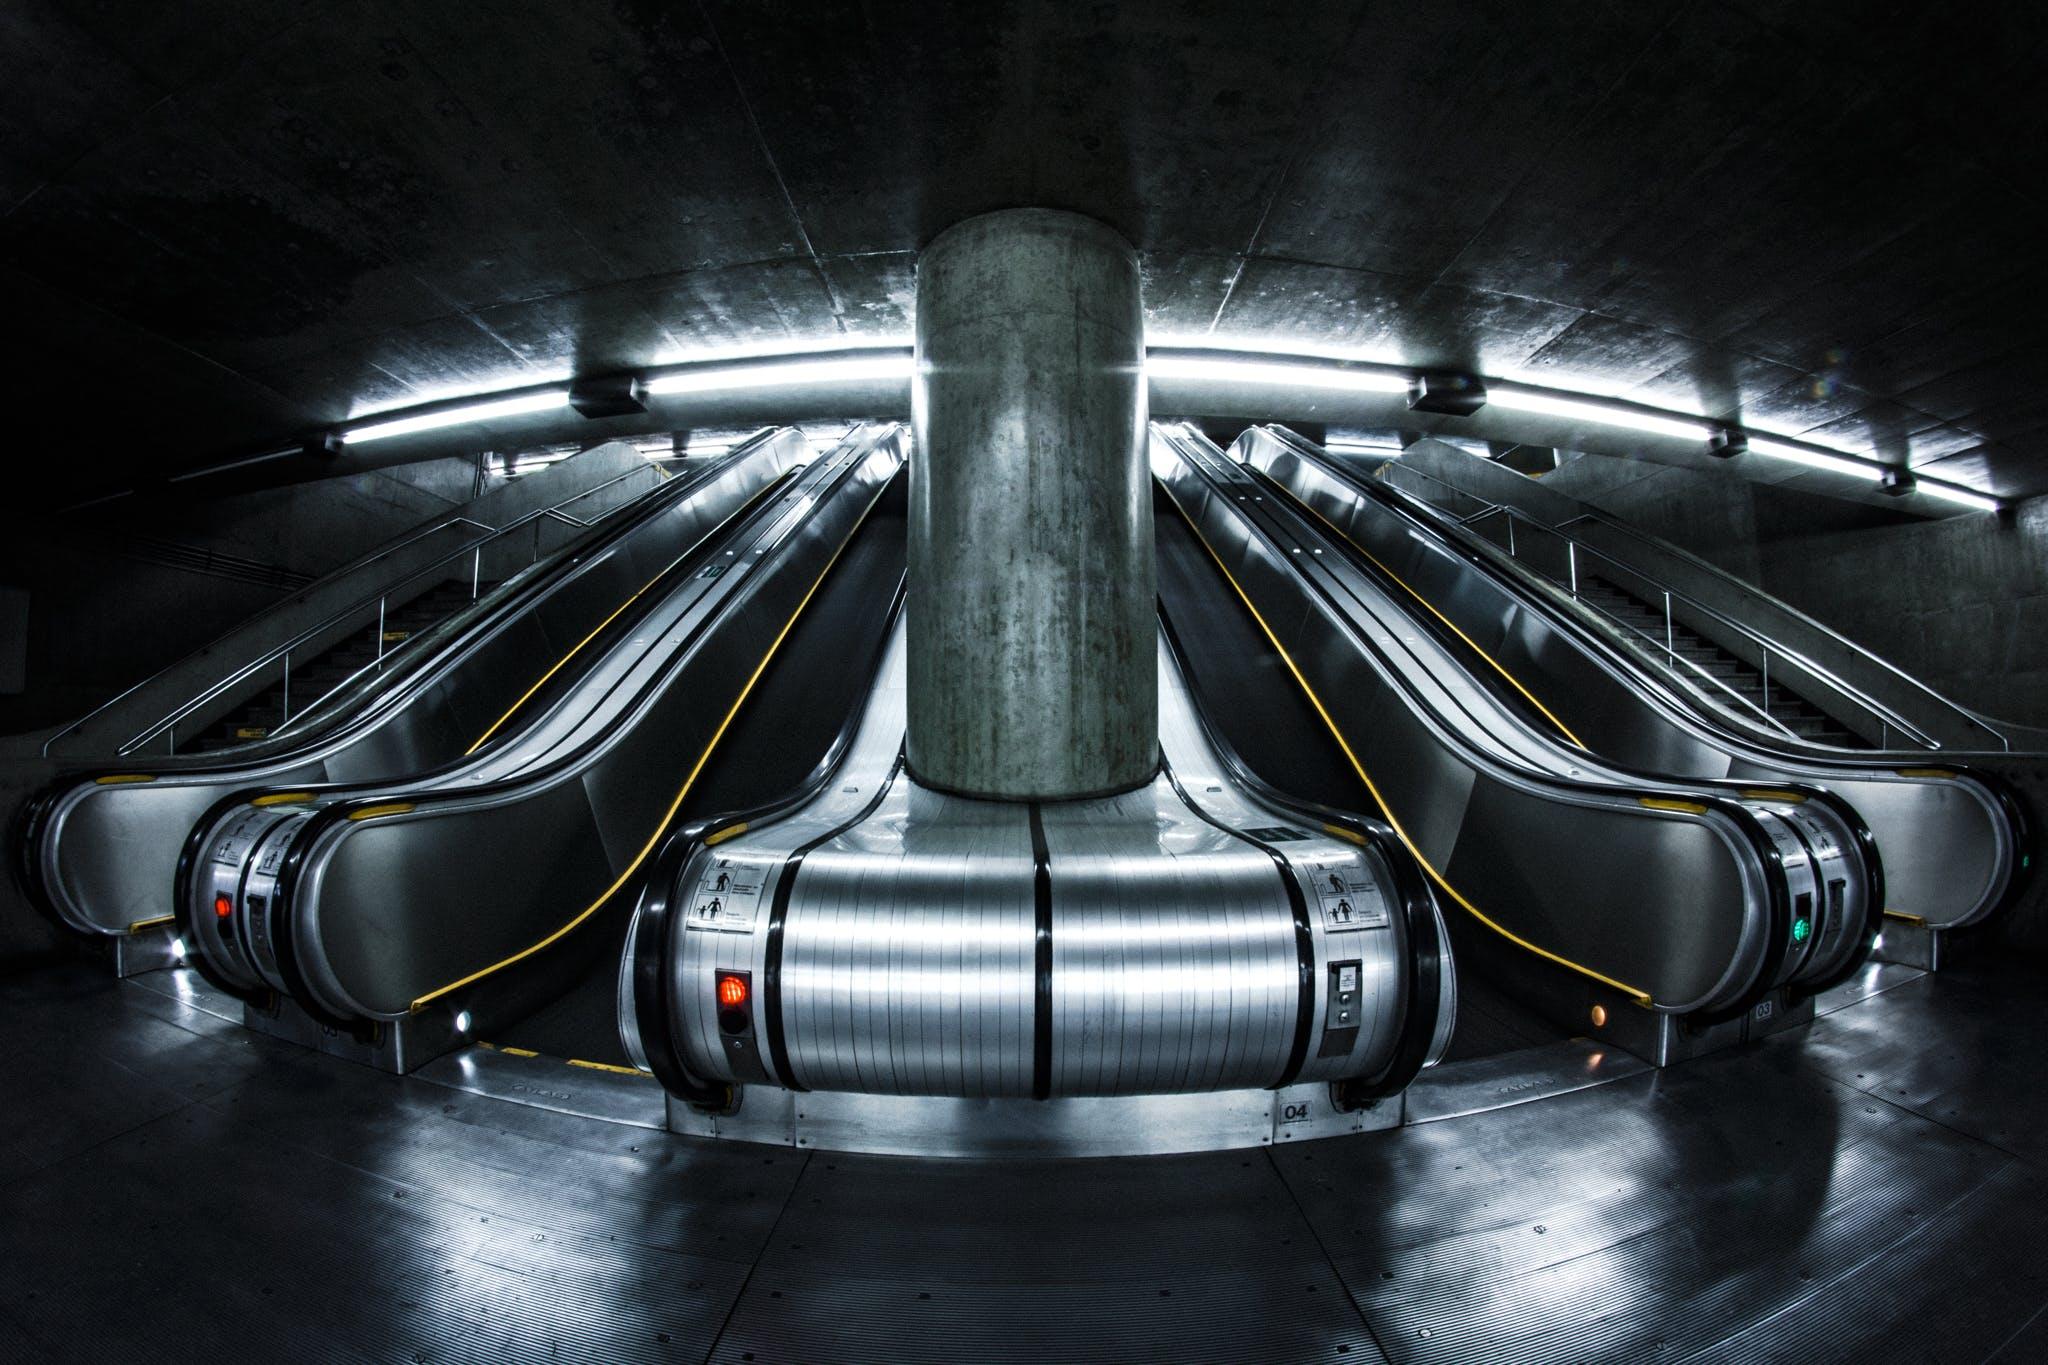 Foto d'estoc gratuïta de columna, escala mecànica, fosc, llums